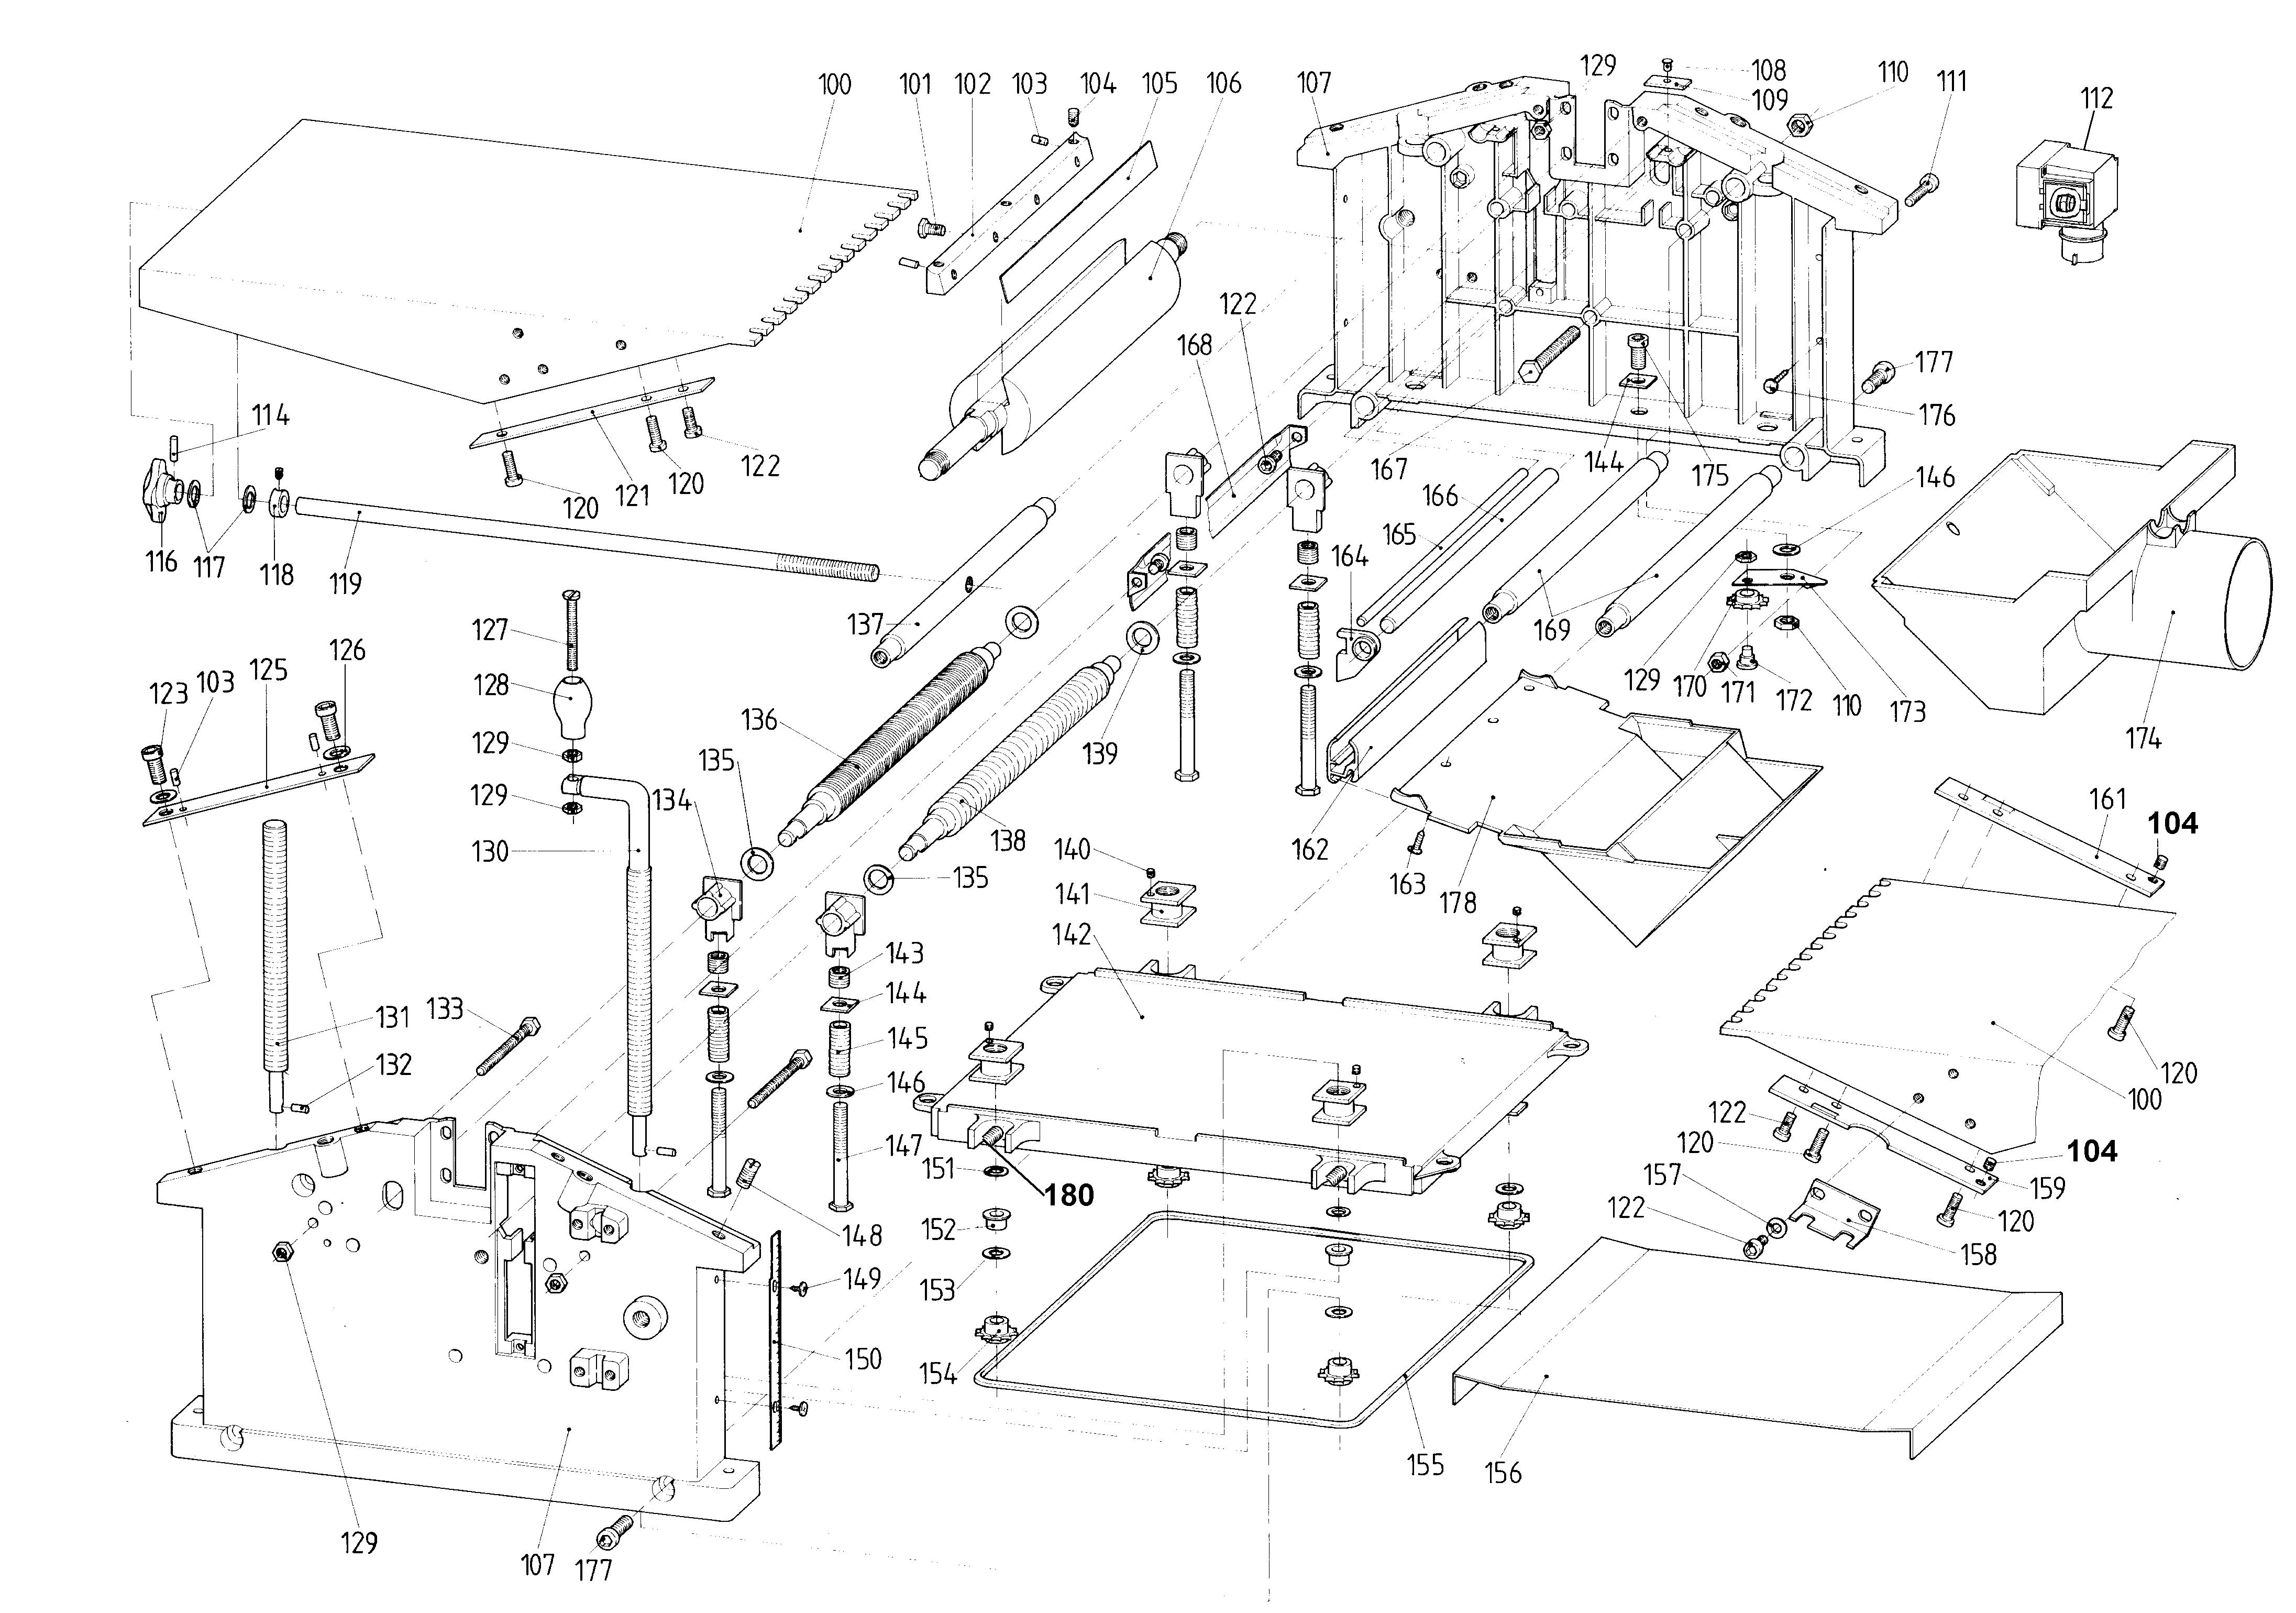 Czci Zamienne Do Strug Hc260k 310wnb Sklep Z Czciami Metabo Wiring Diagram Hc 260 K 310 Wnb 0112026053 11